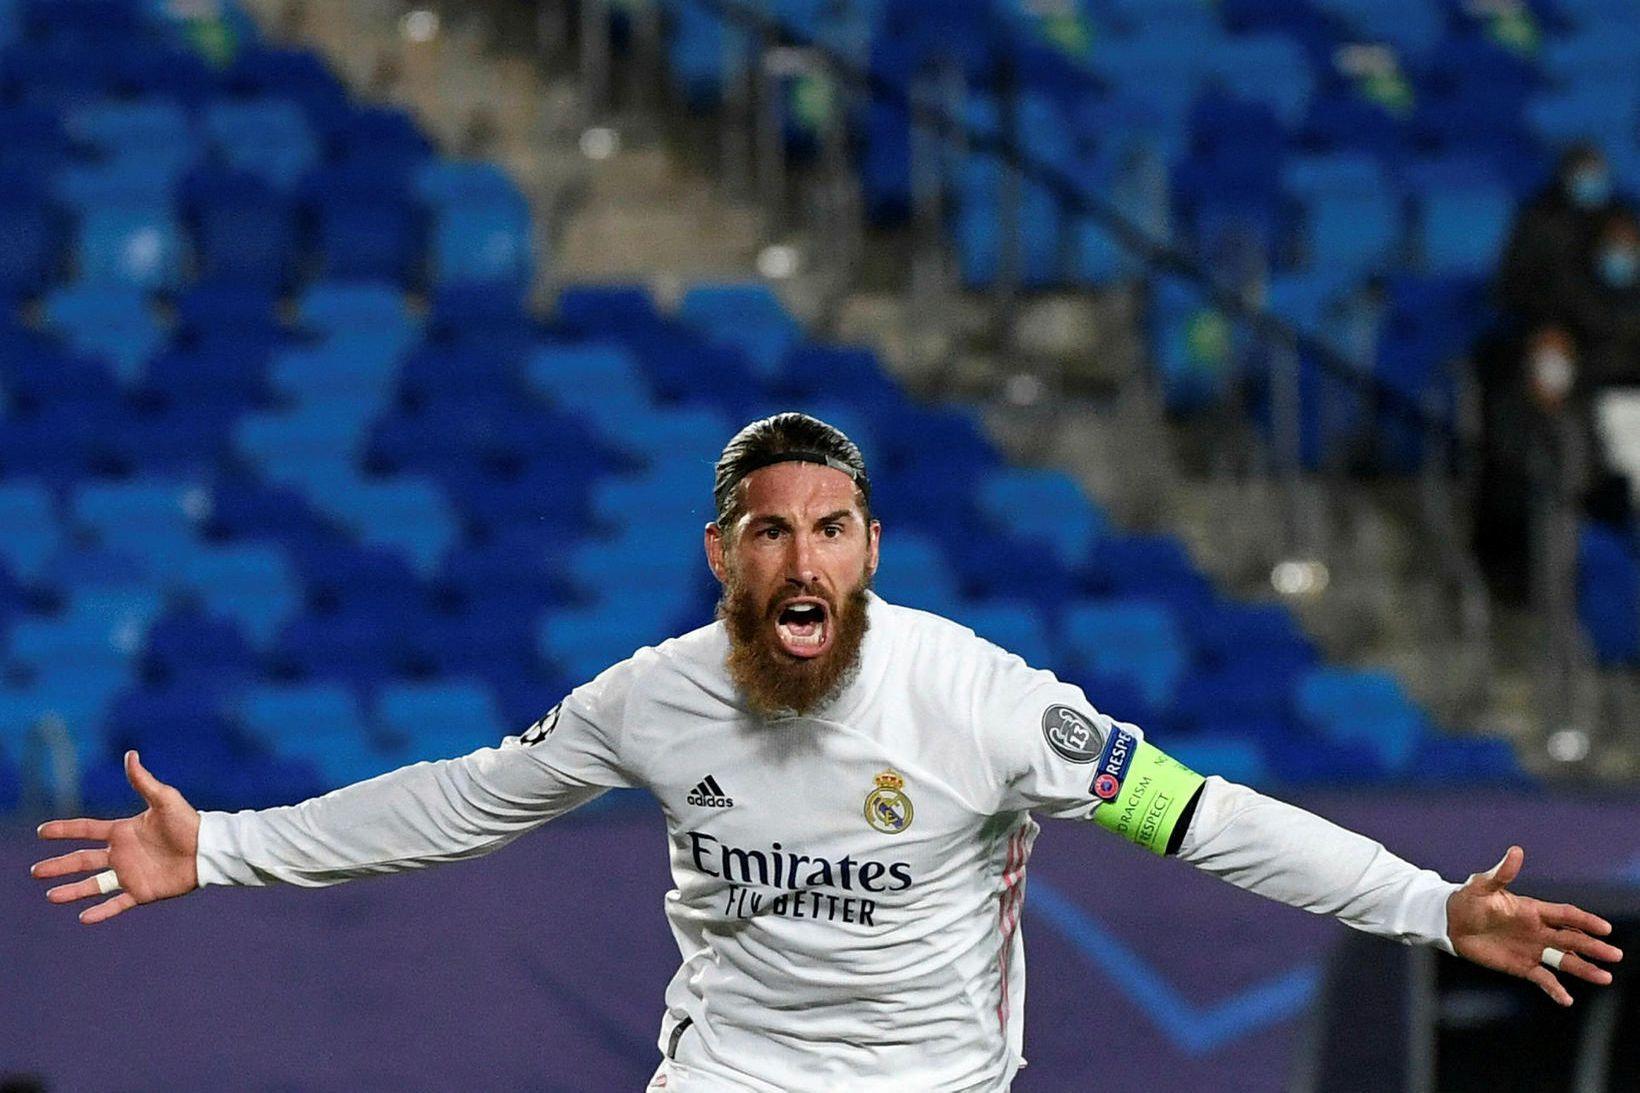 Sergio Ramos hefur verið sterklega orðaður við félög í ensku …